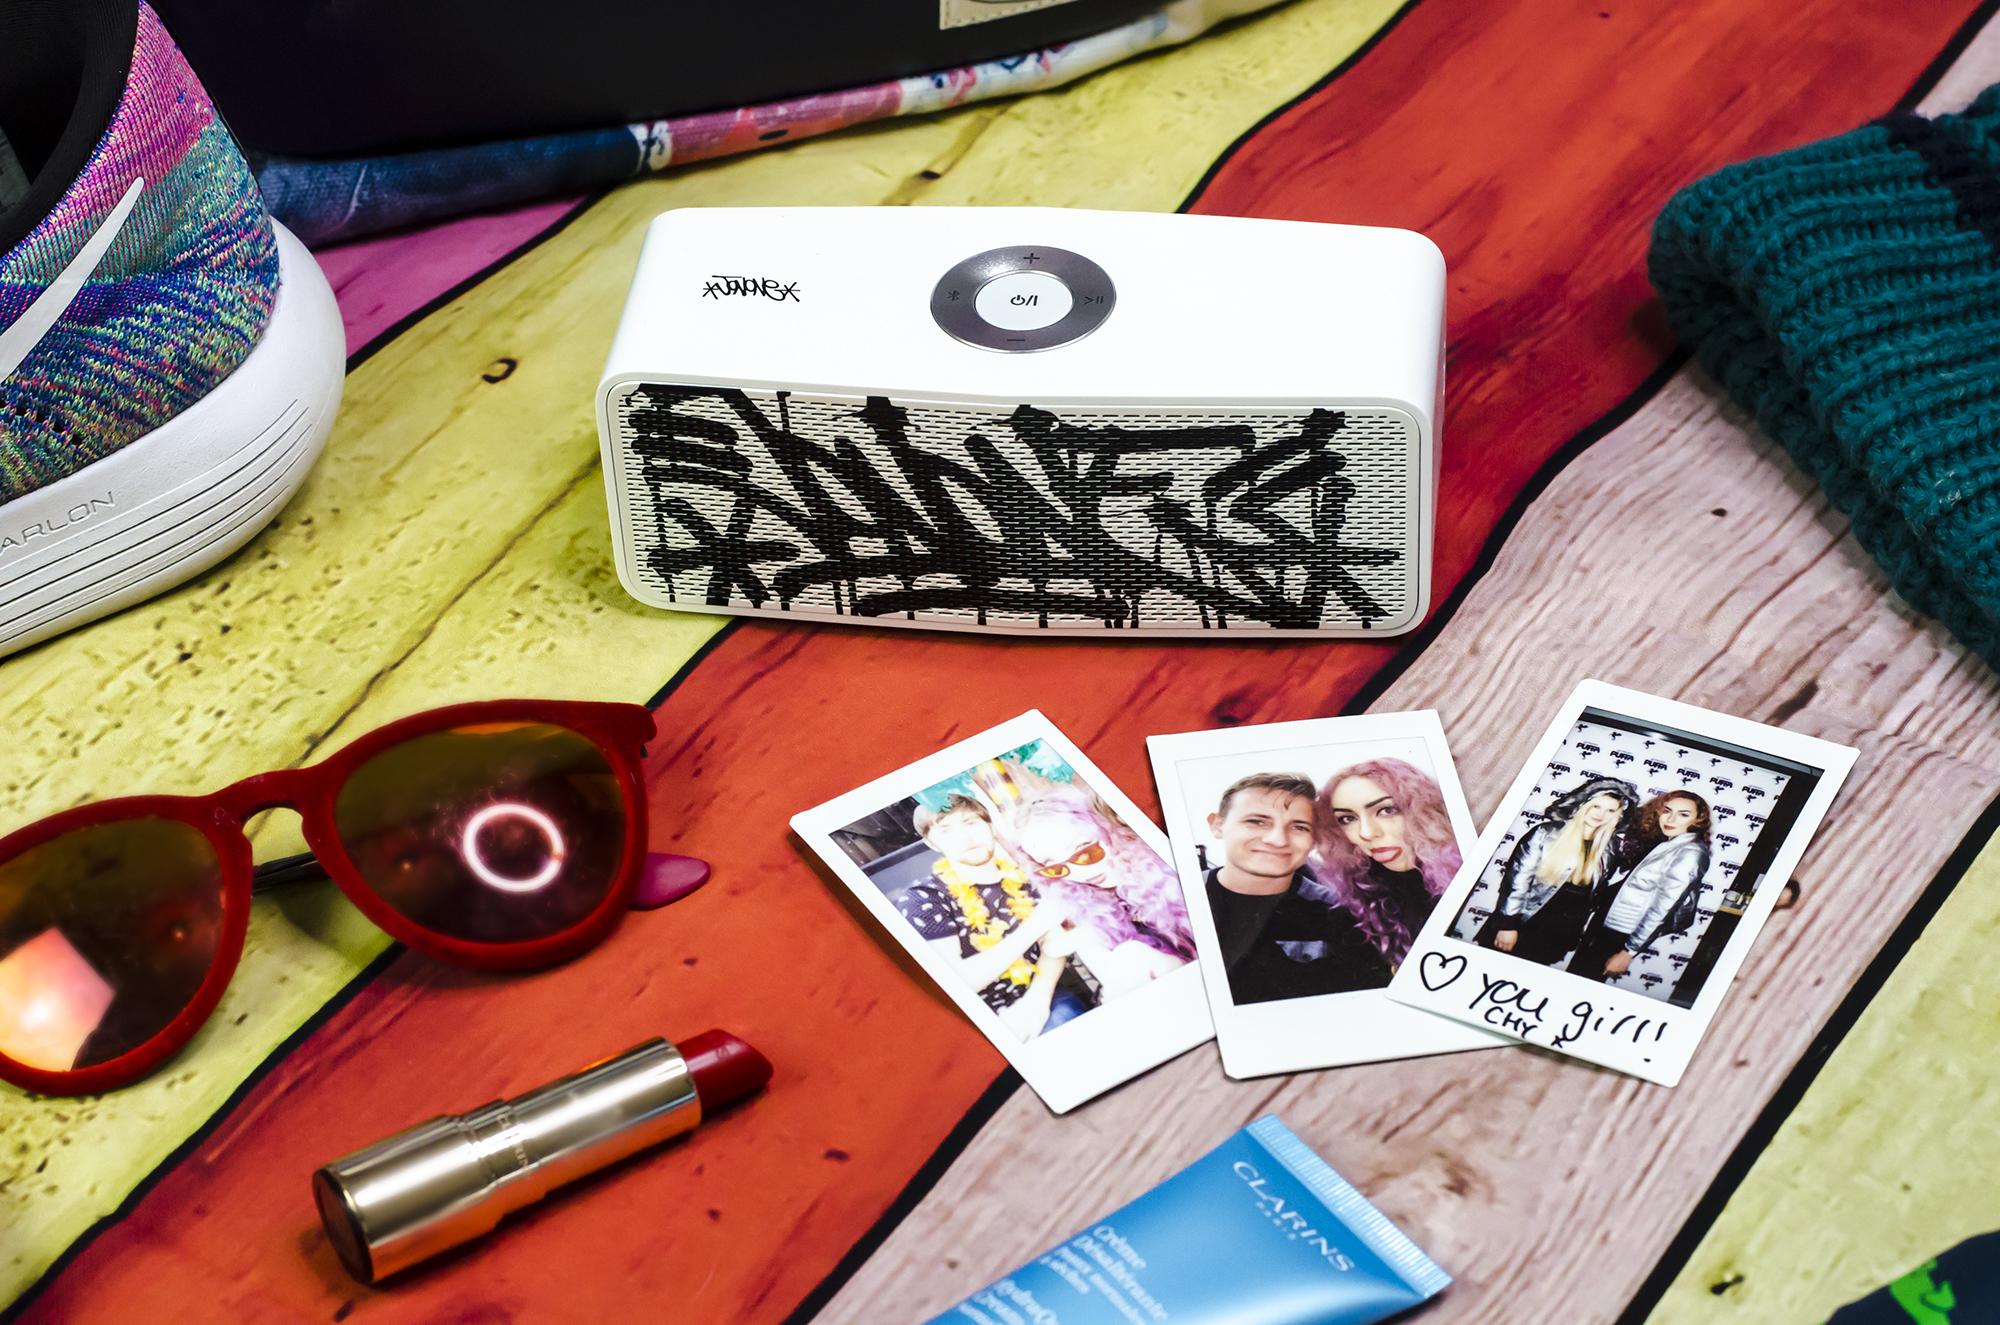 LG-JonOne-Portable-Speaker-Review